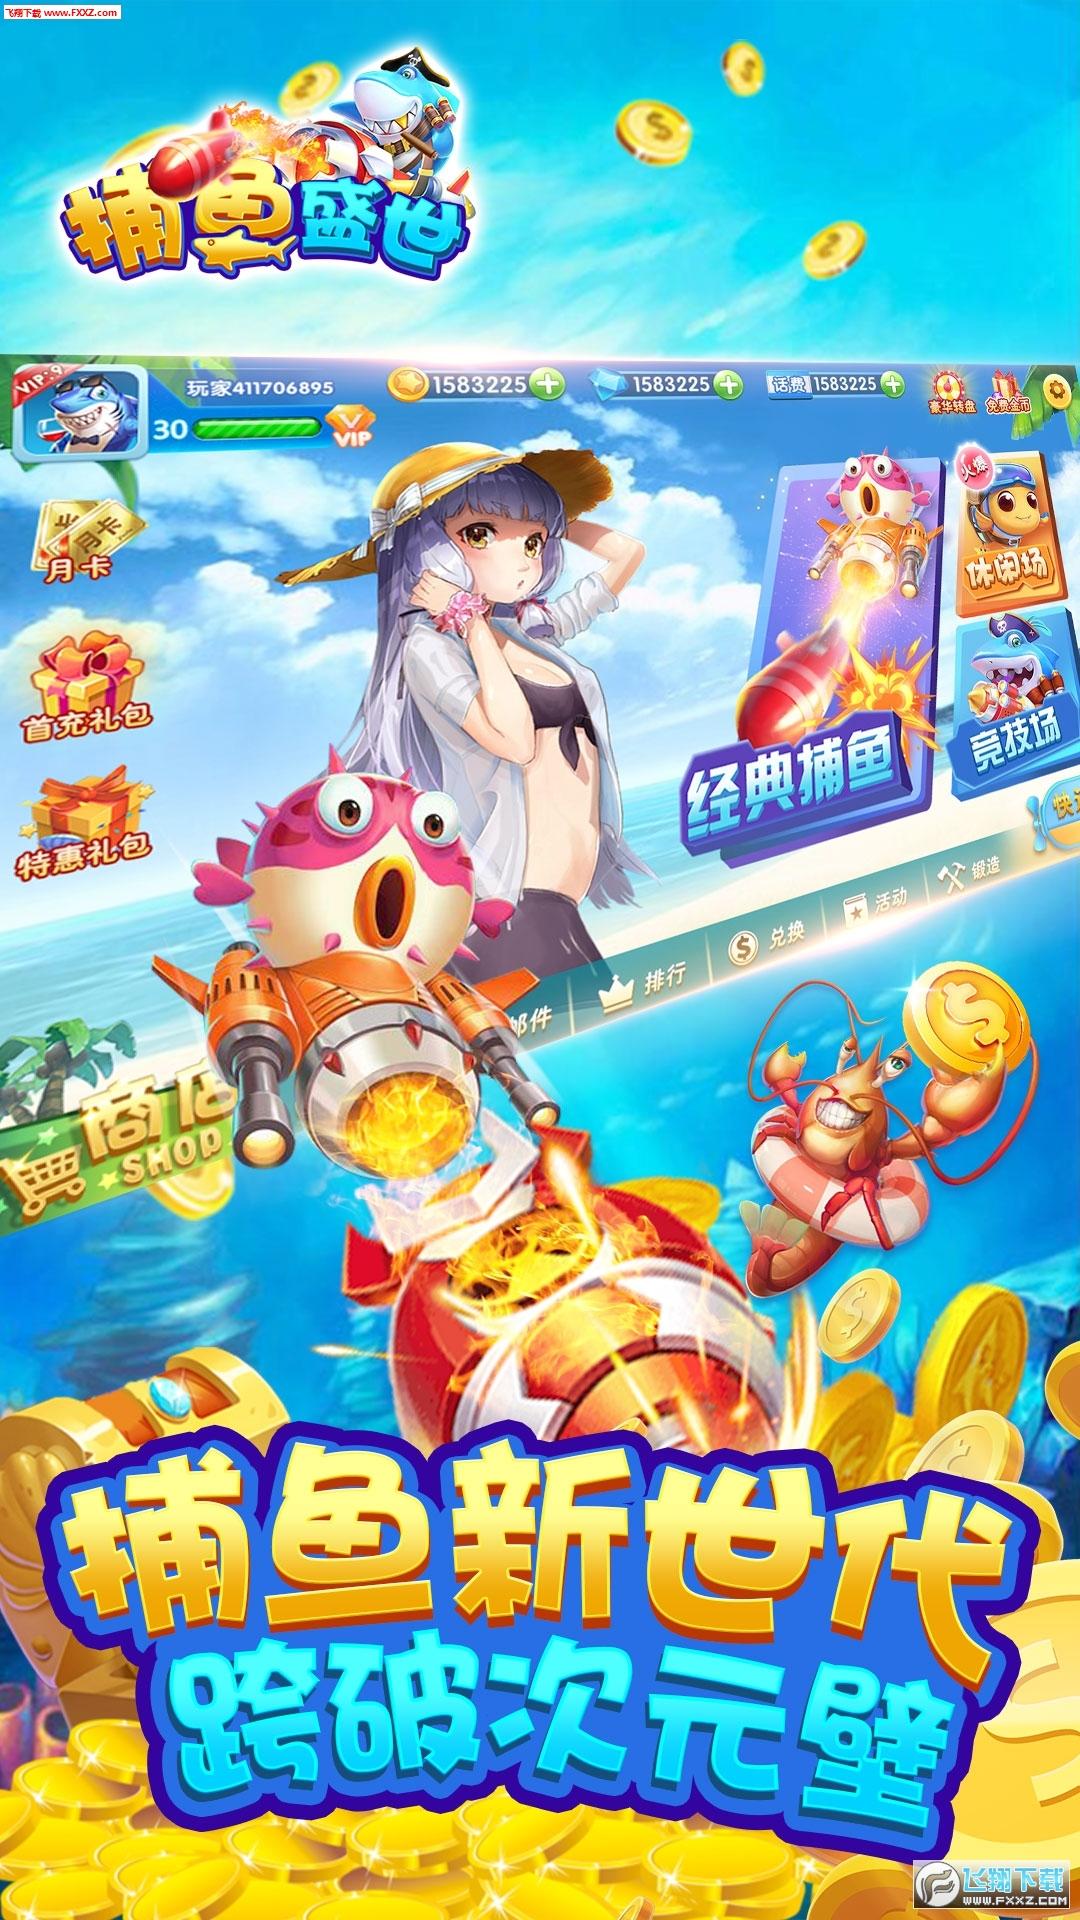 捕鱼盛世官网游戏v1.4截图0